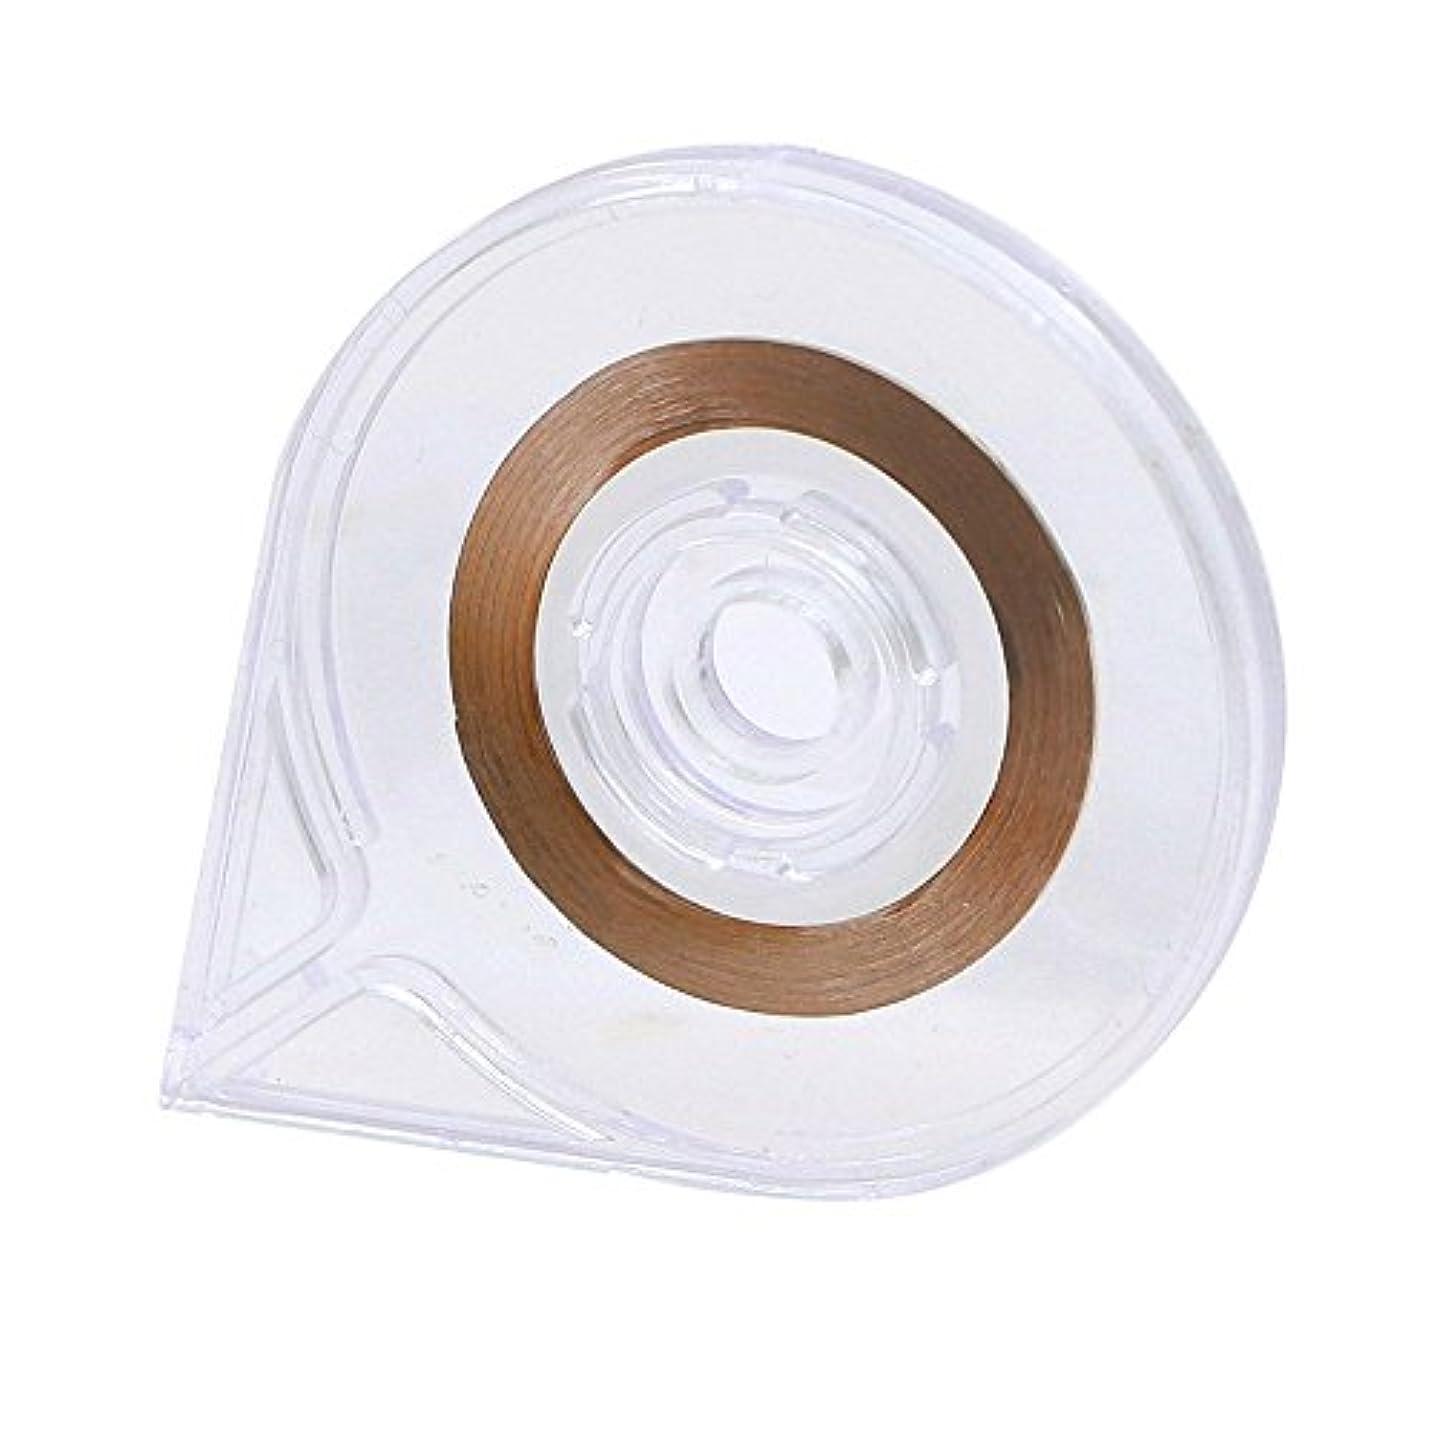 無傷ディンカルビル姿勢SODIAL(R) ネイルアート ストライピングテープラインケースツールステッカーボックスホルダー 使いやすいデザイン